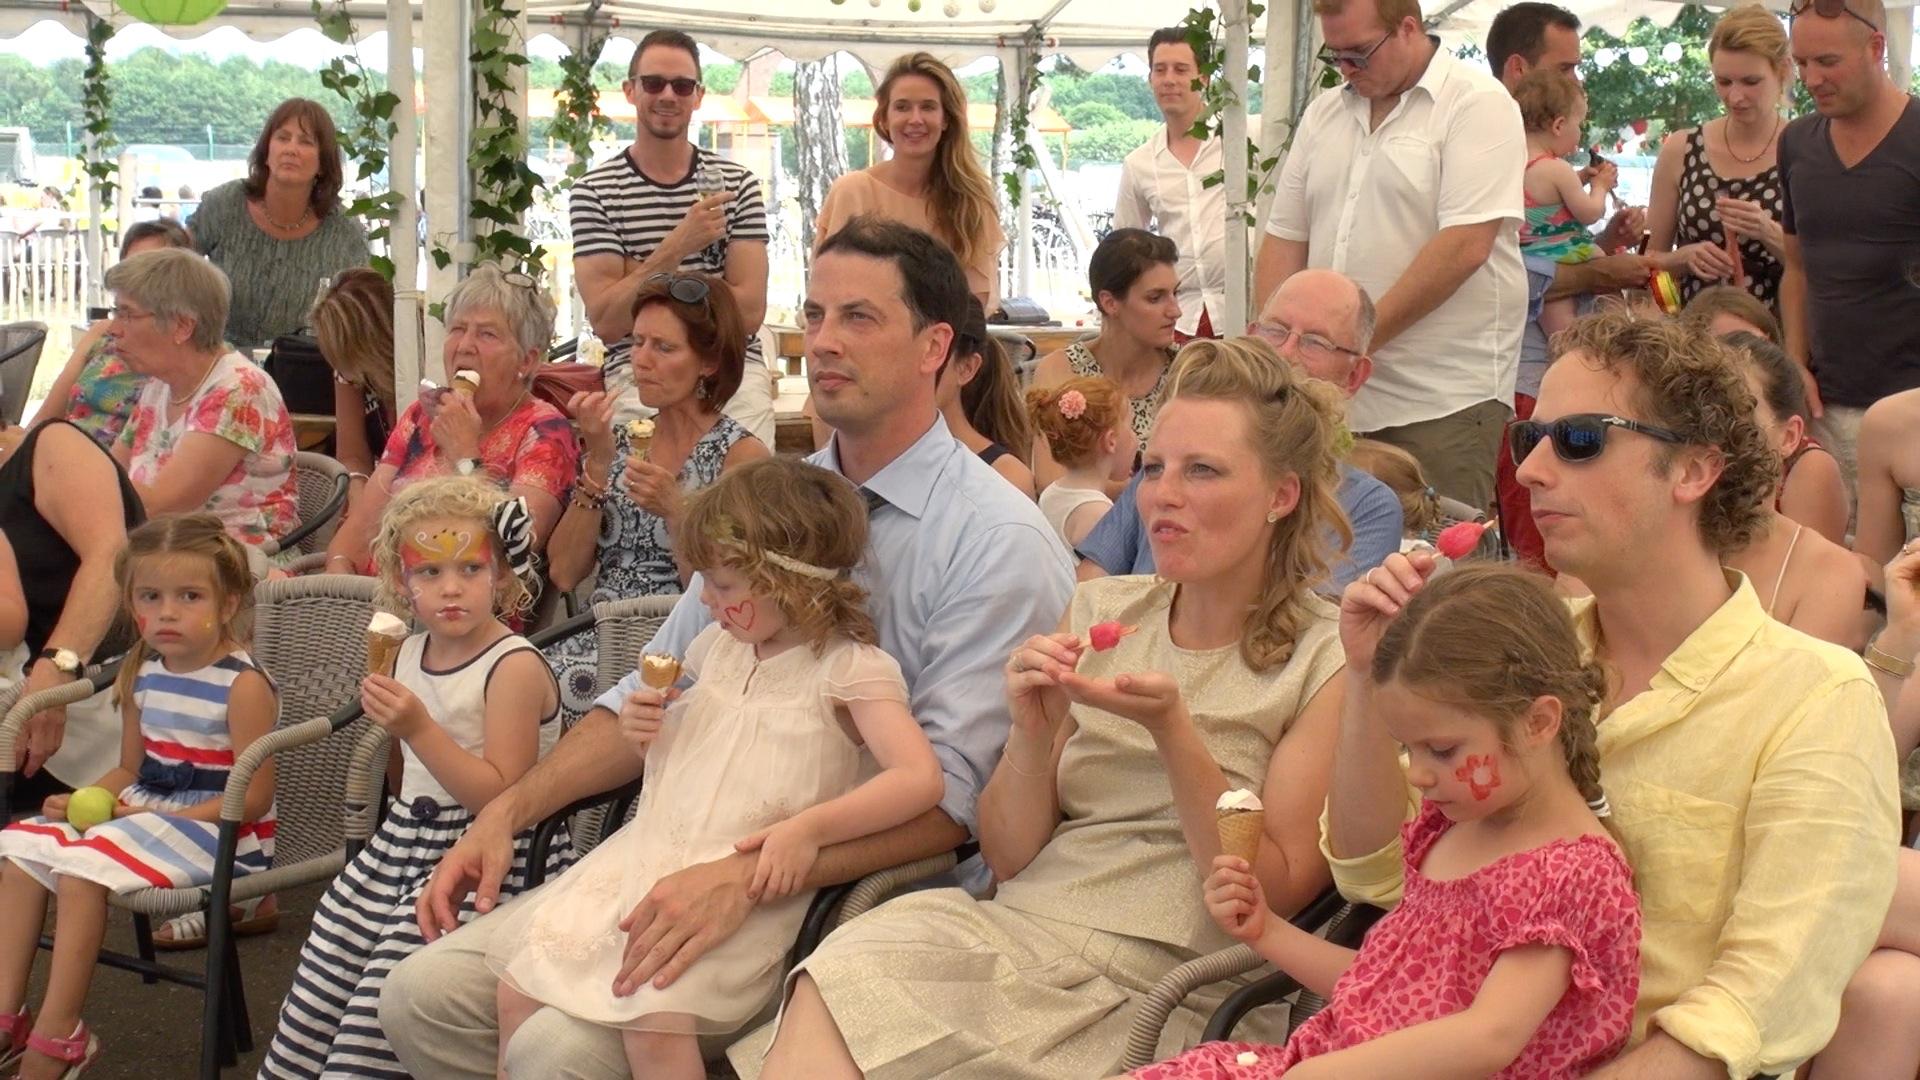 Kinderen filmen op Belgische bruiloft